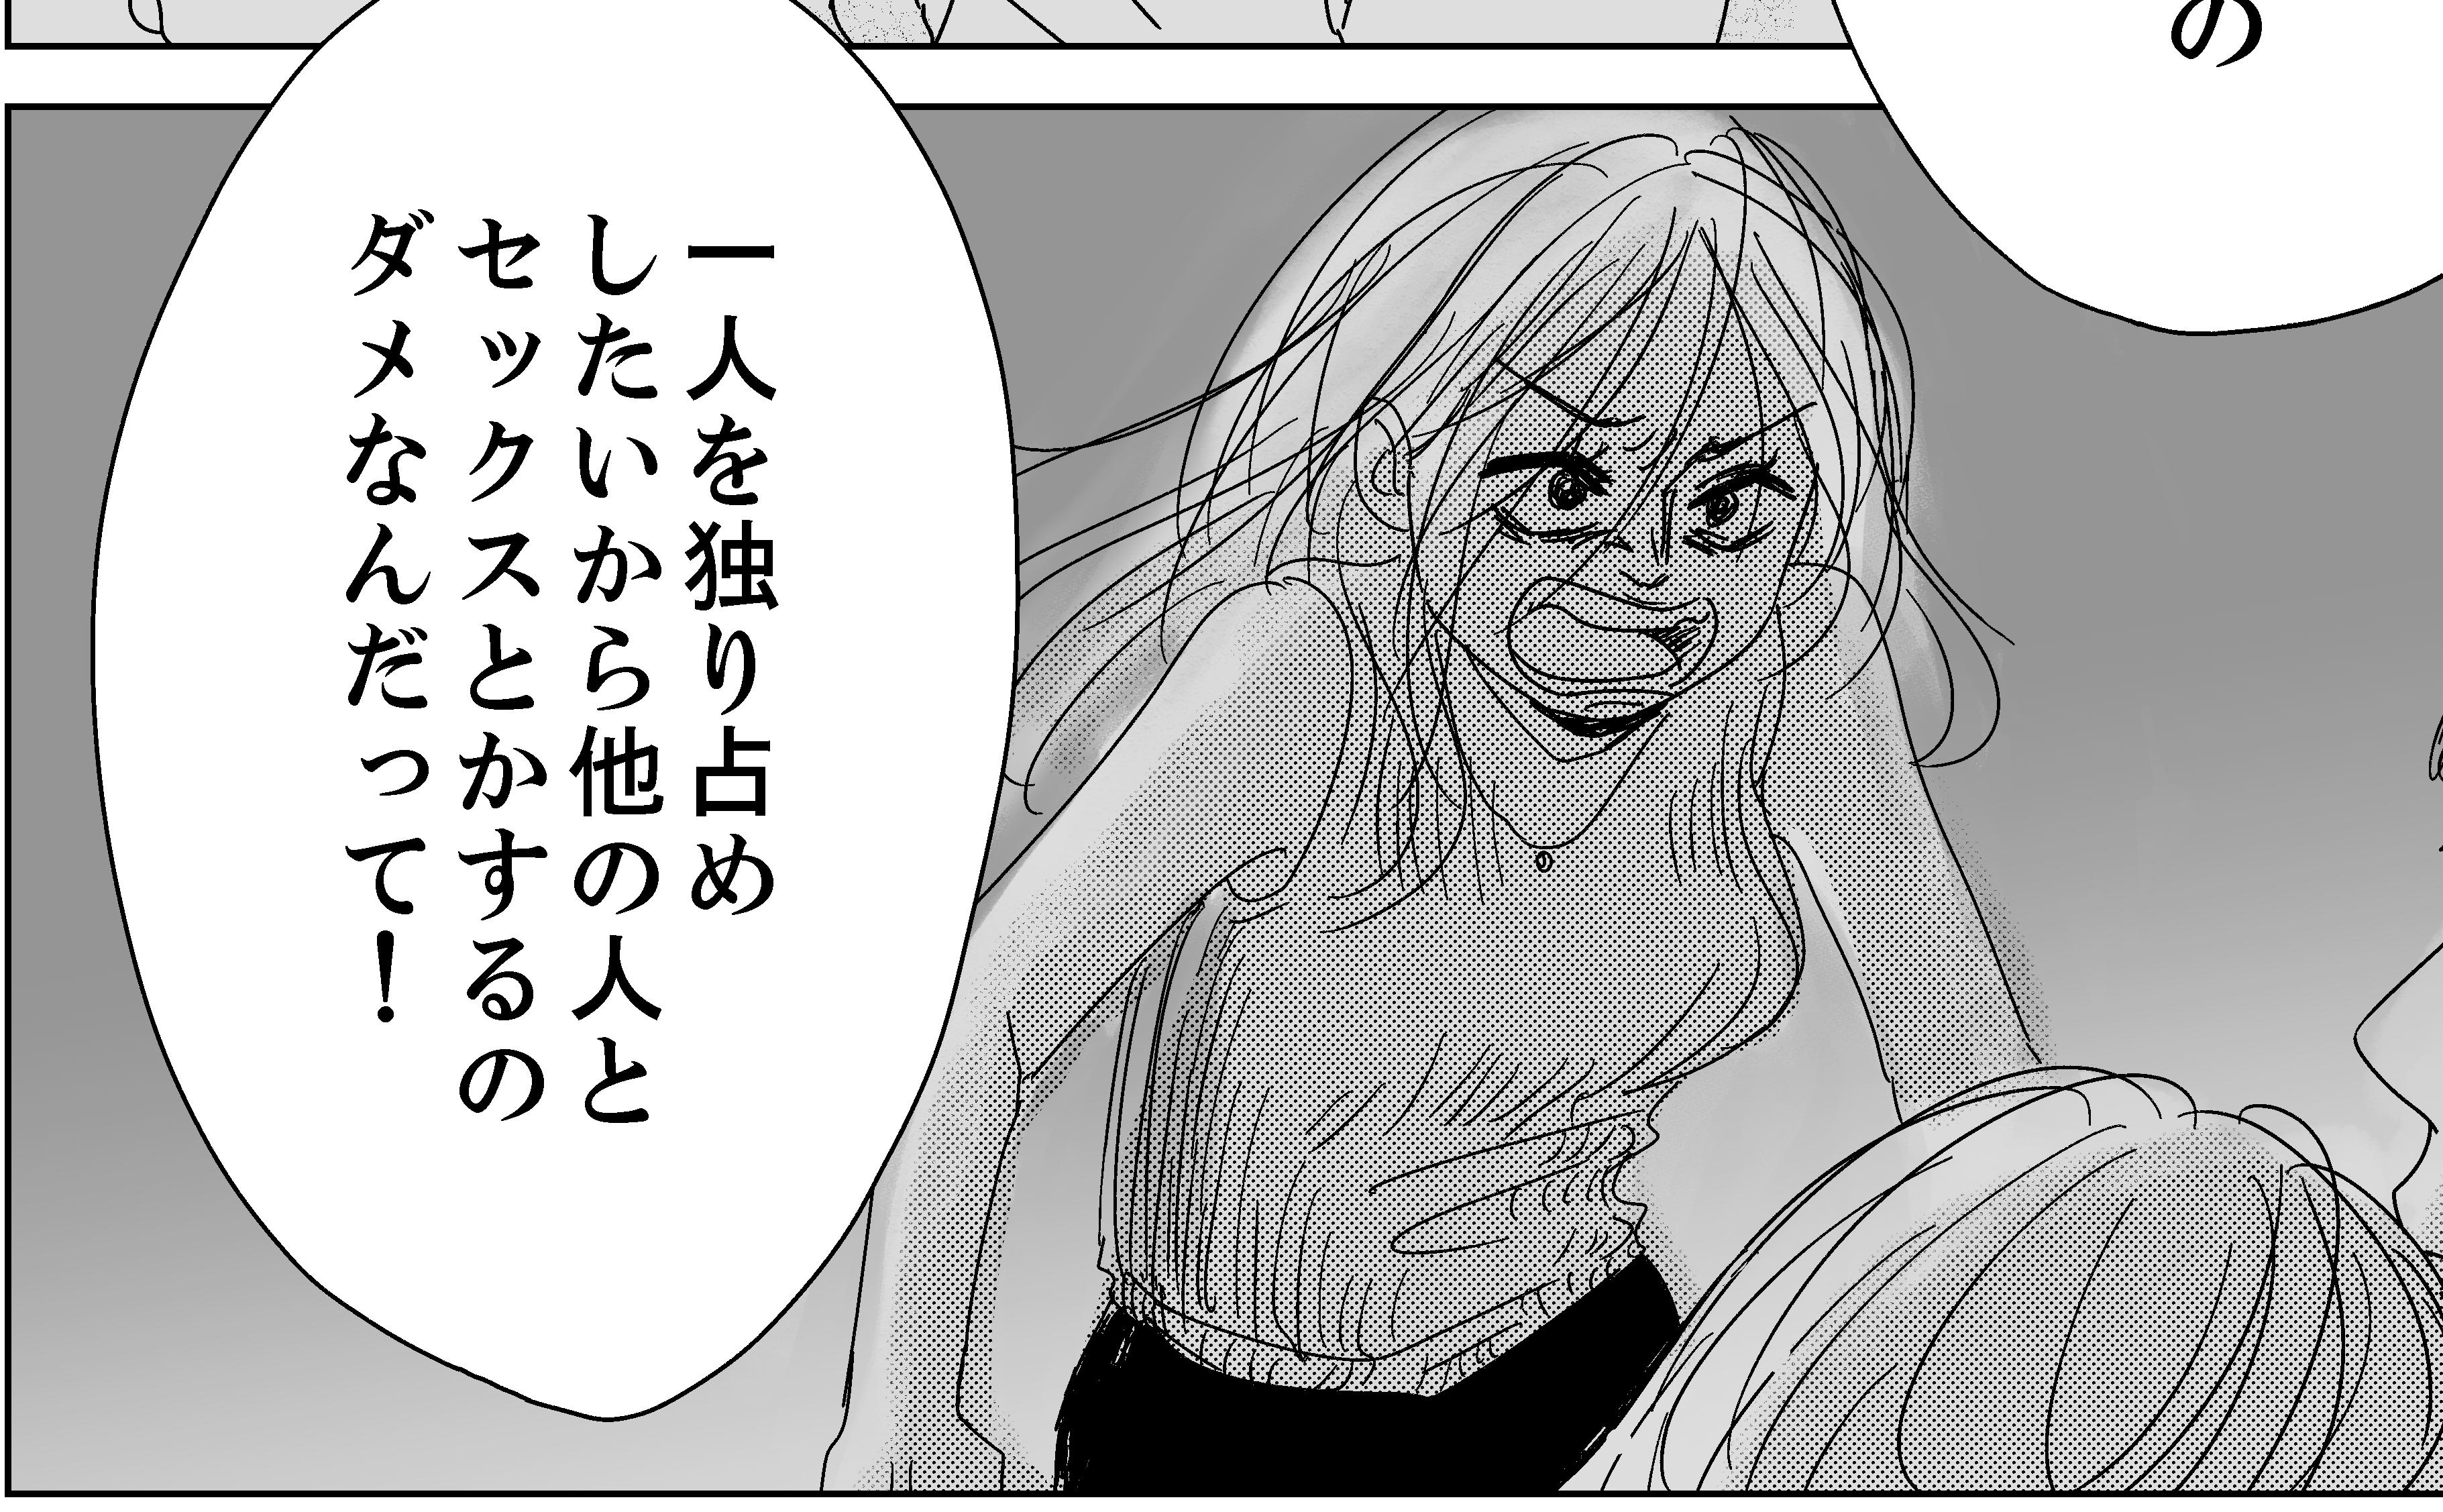 【漫画】レンアイは独占欲の強い、怖い人?/もしも世界に「レンアイ」がなかったら(2)